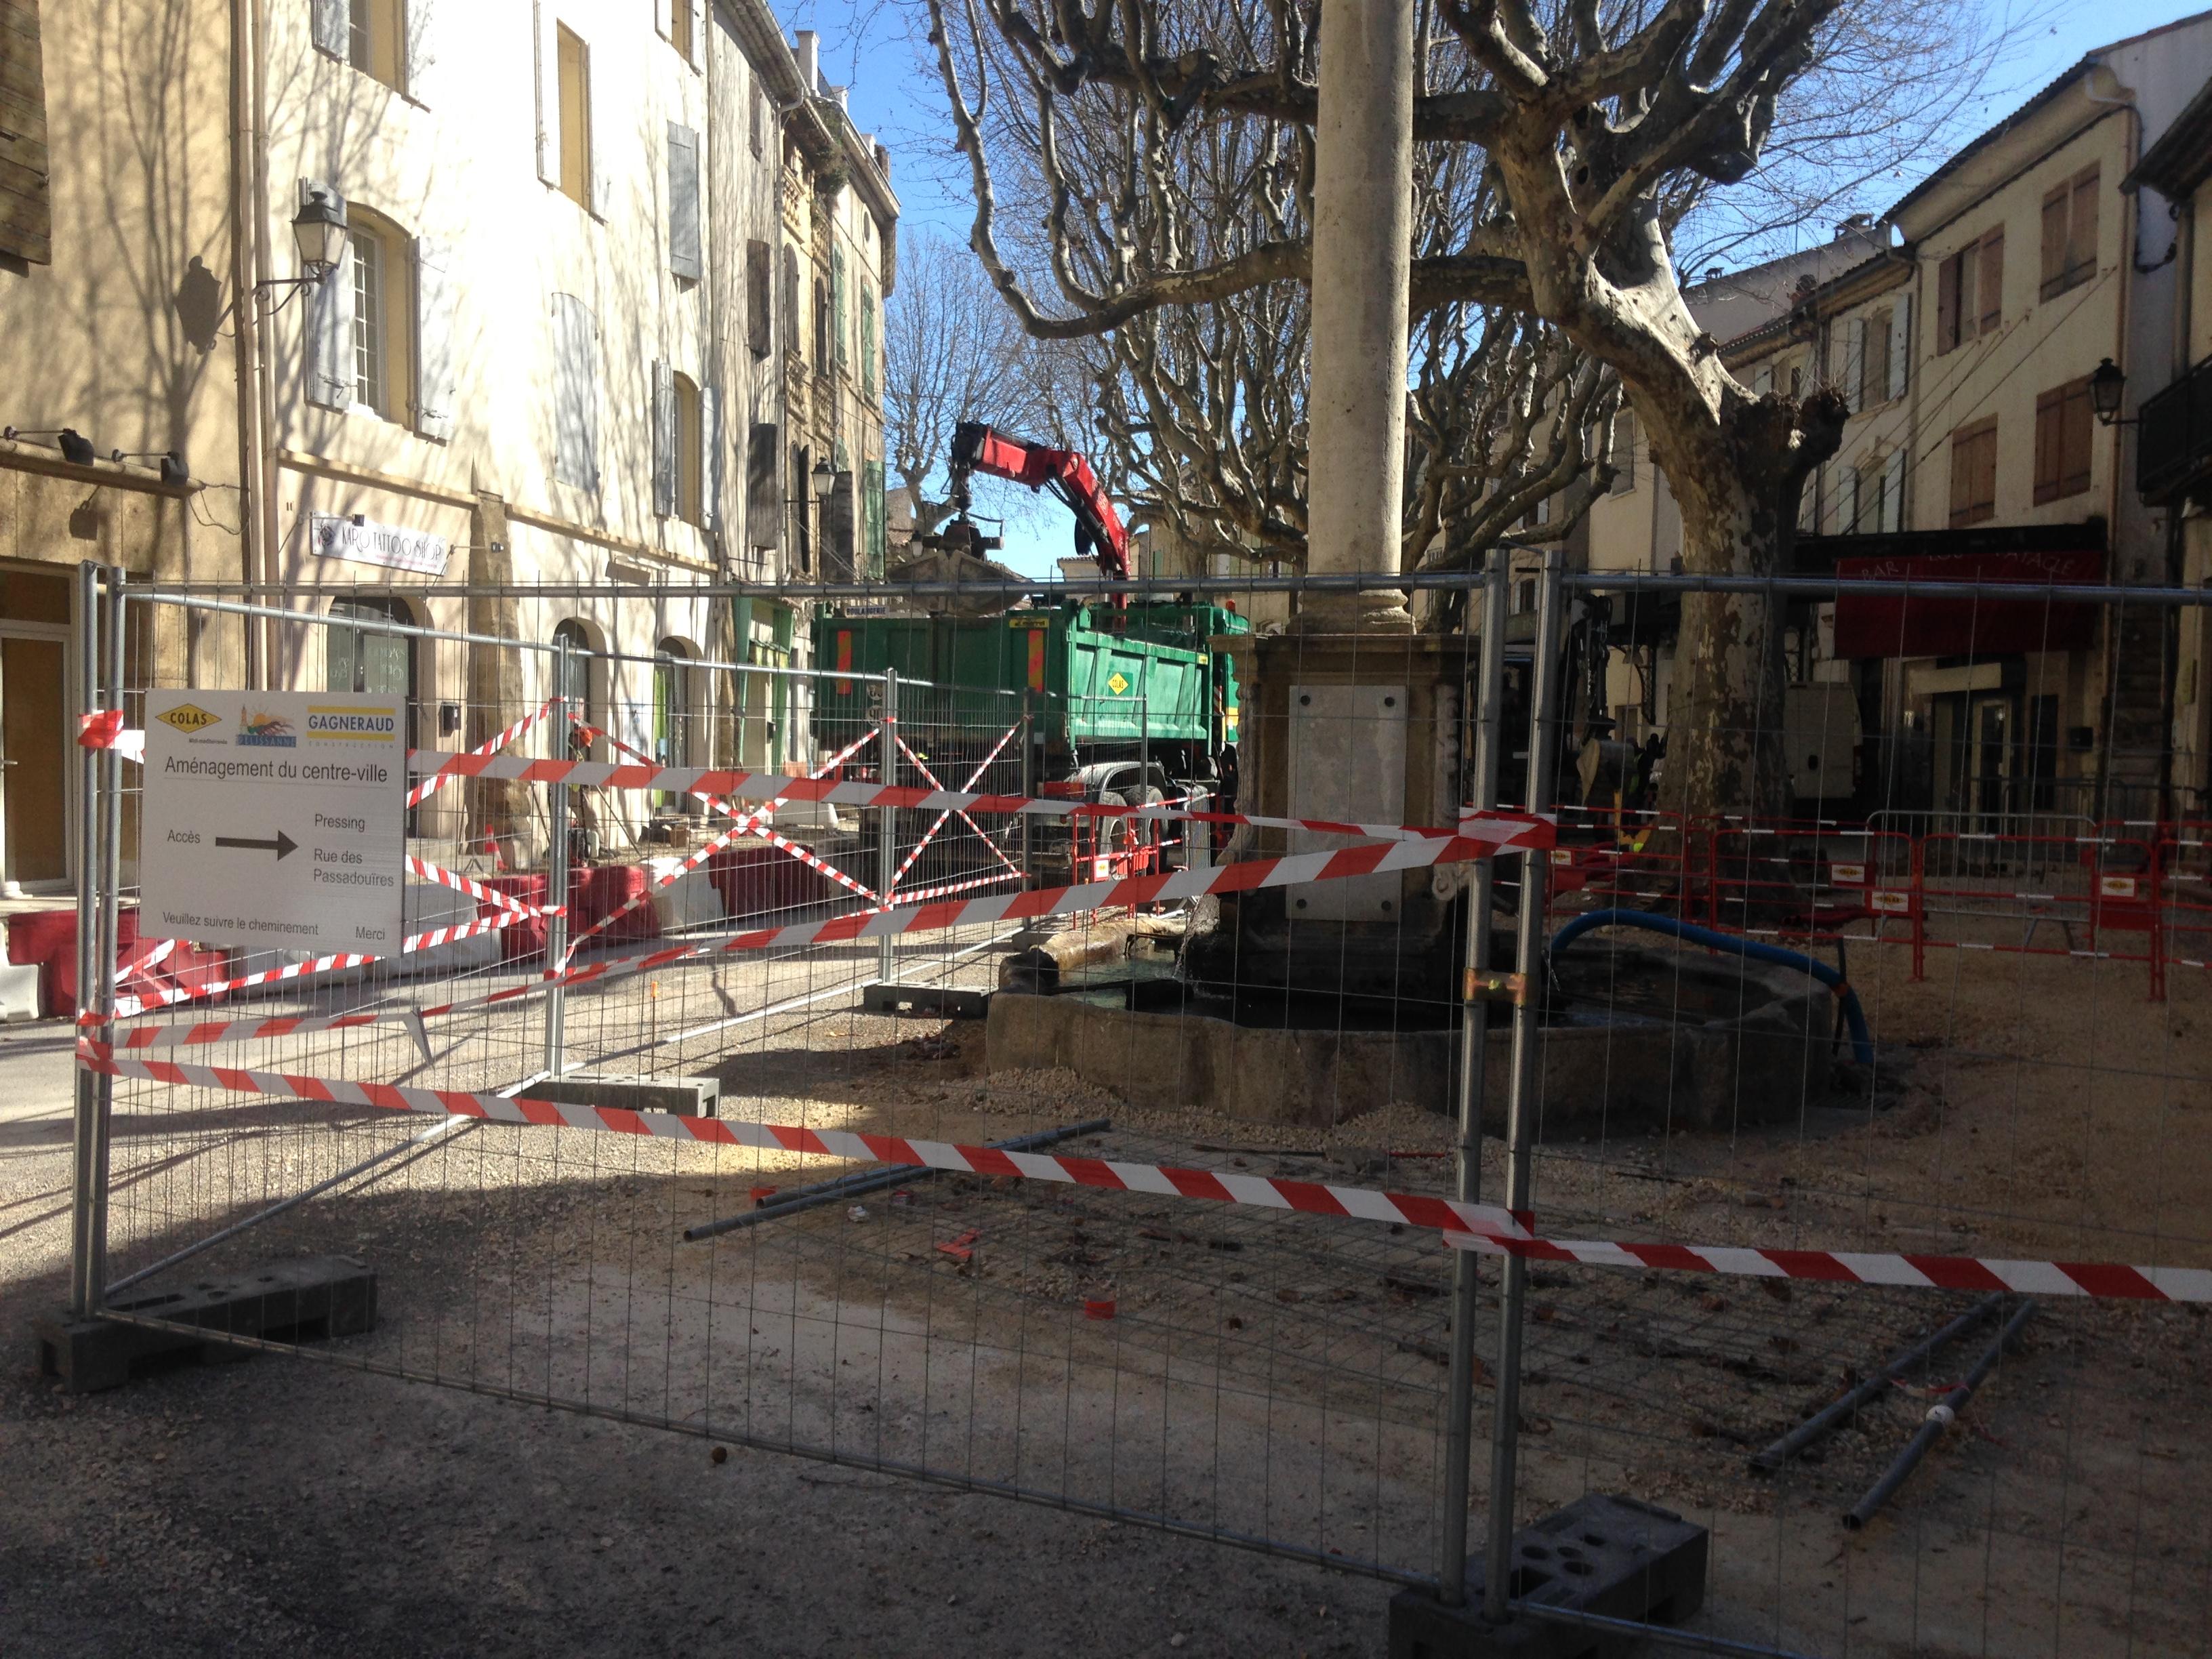 Centre ville : les commerçants inquiets après les travaux